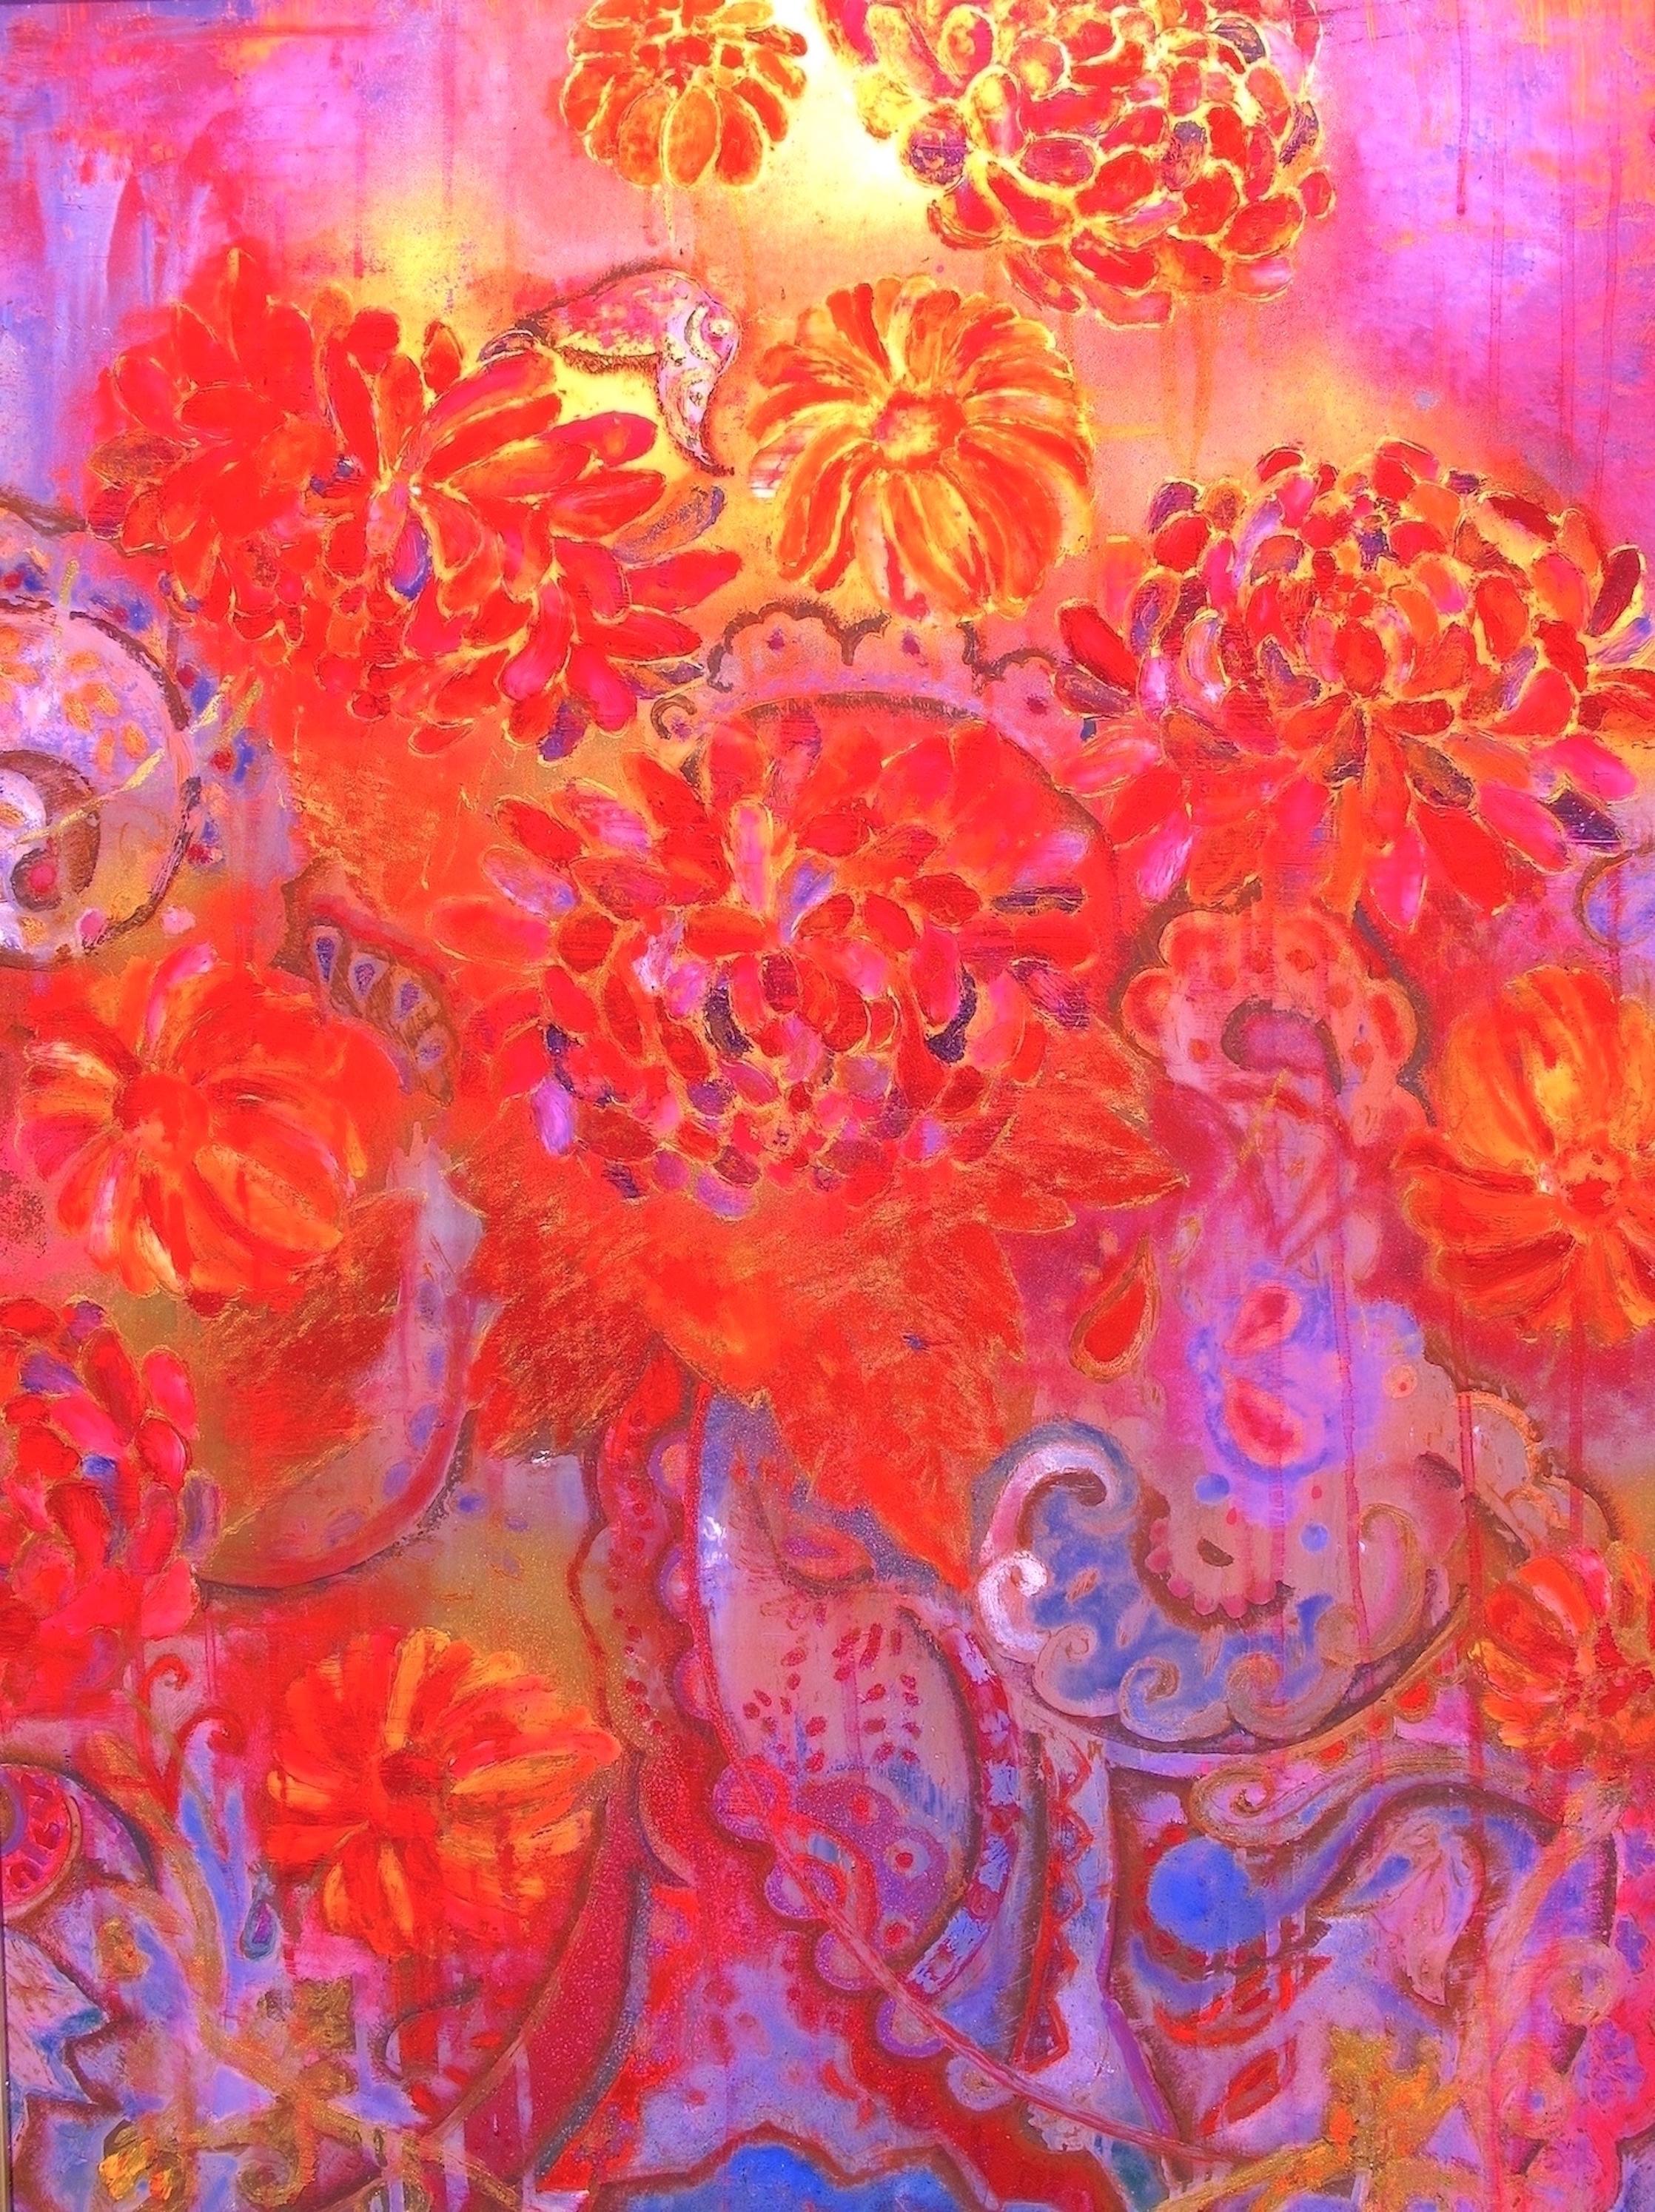 flower tapestry IV - 22